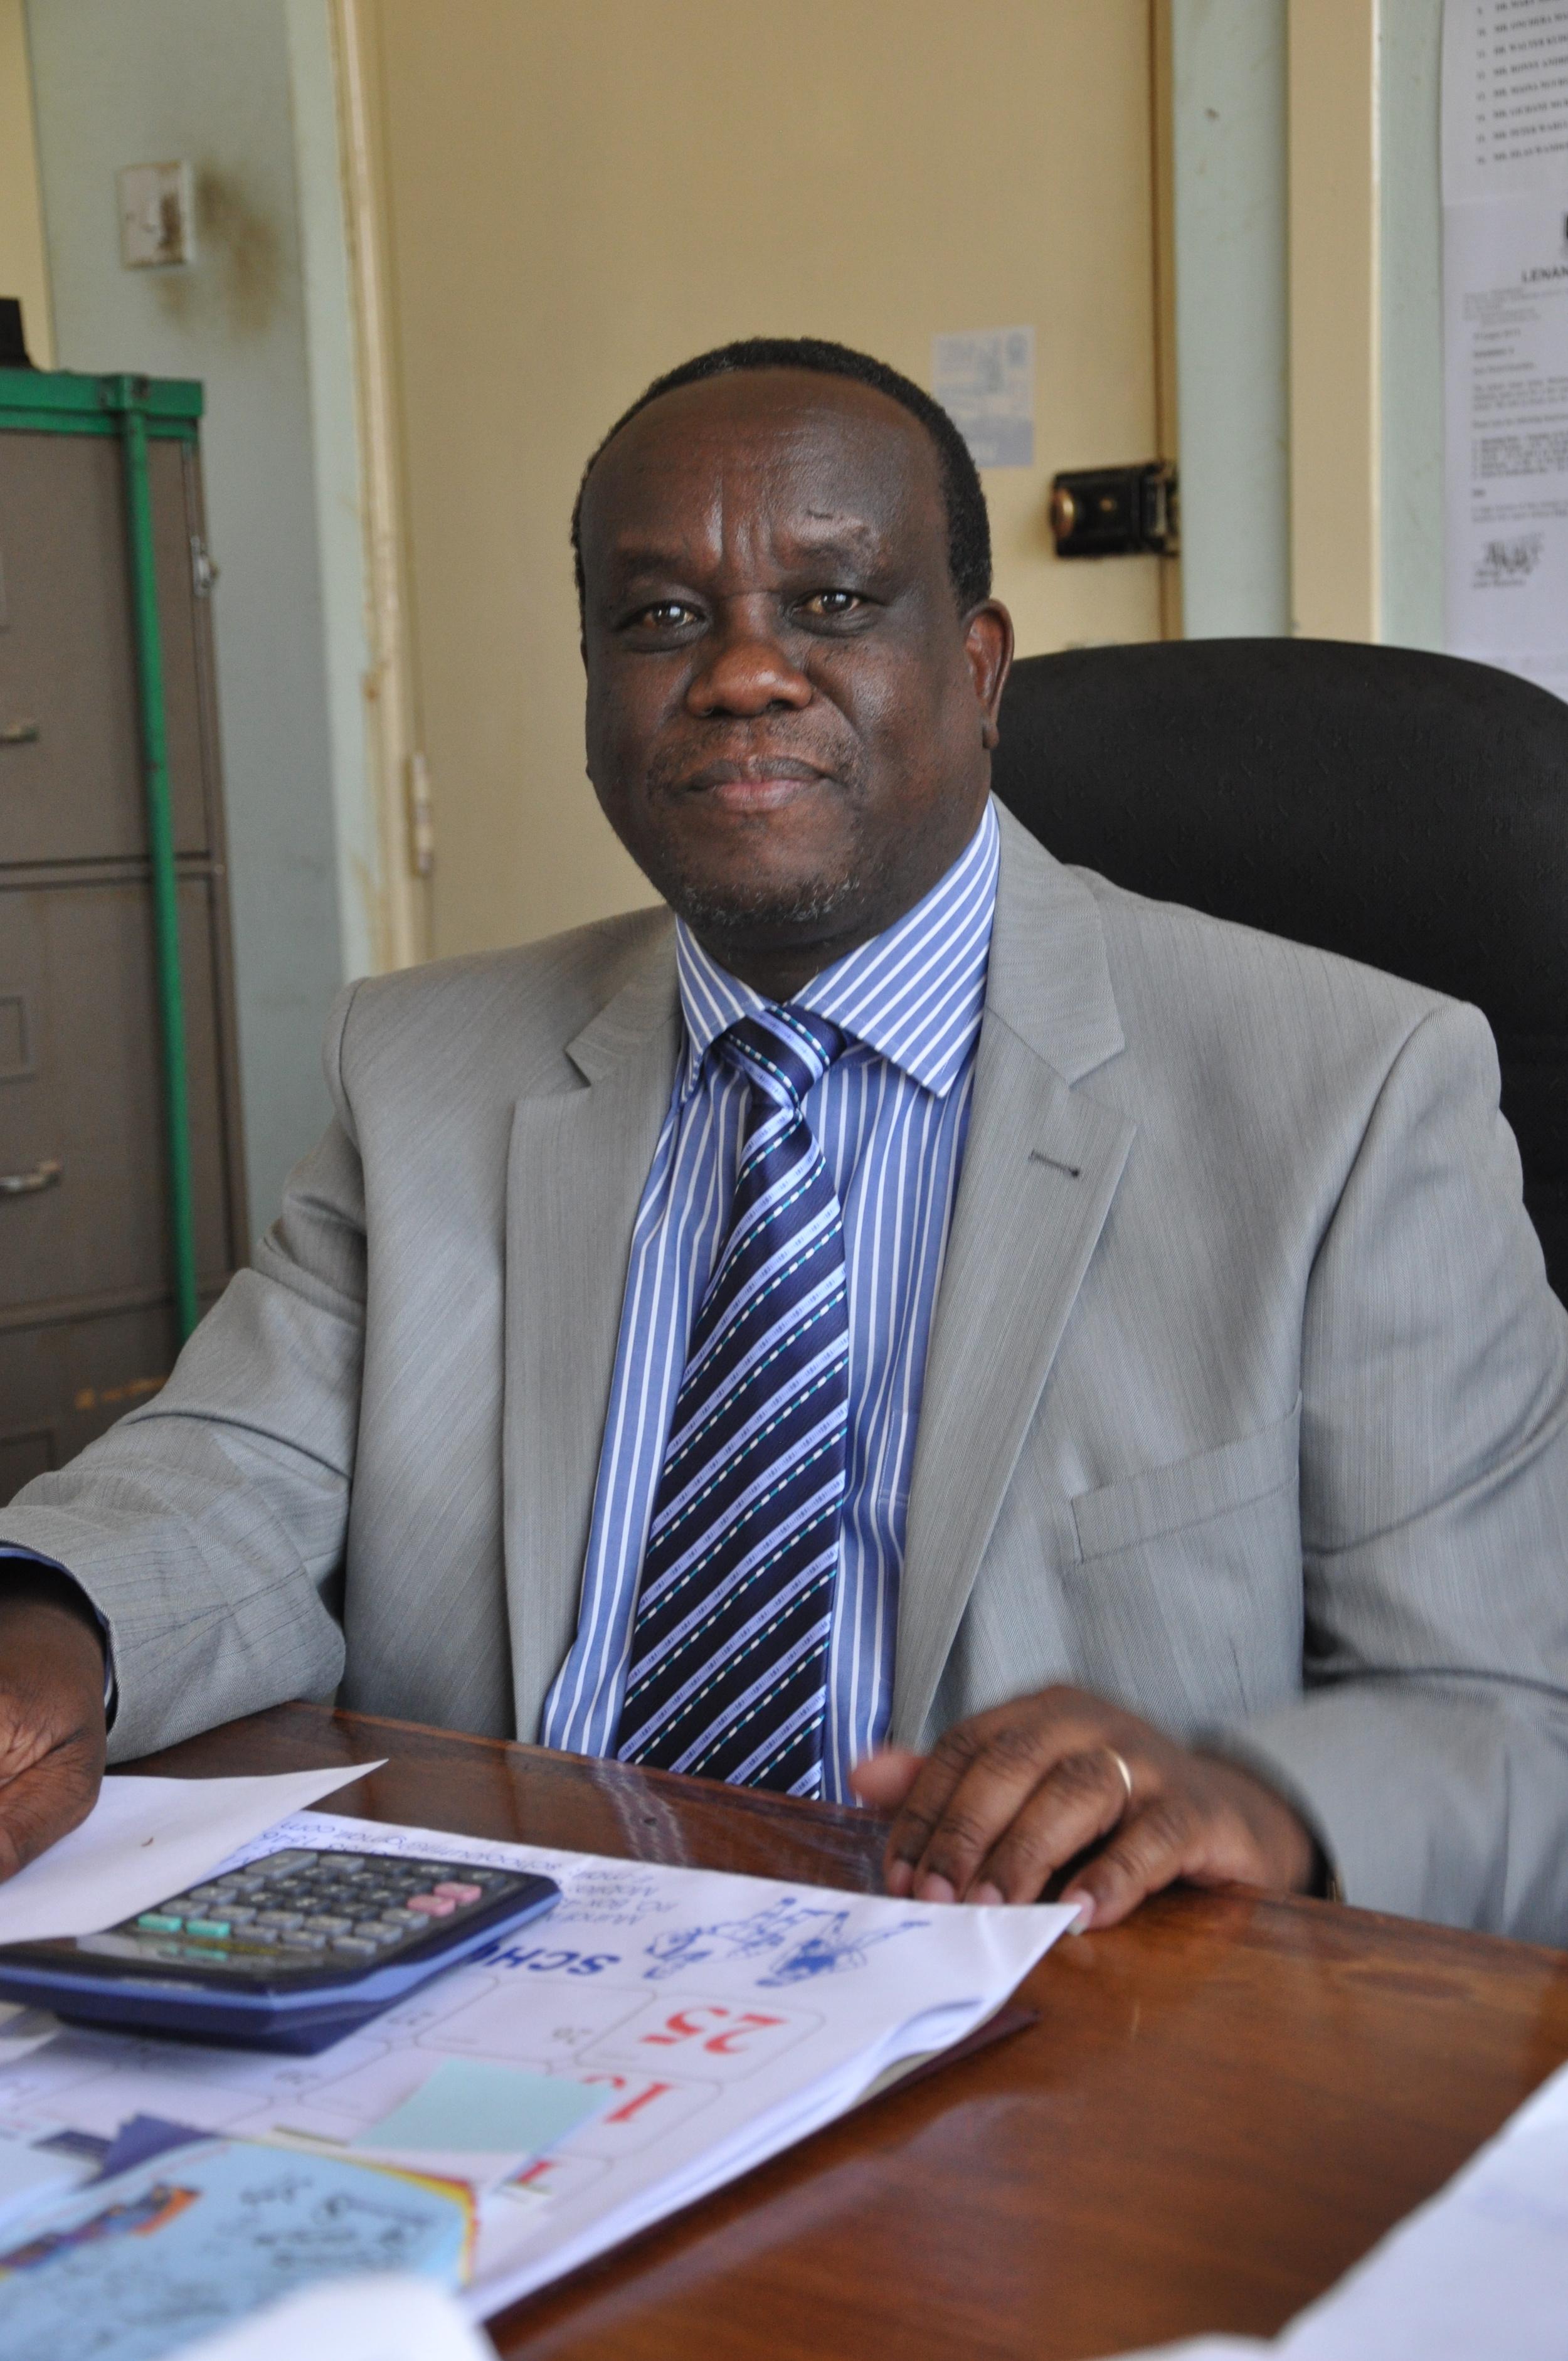 Mr William Mwangi in his office.